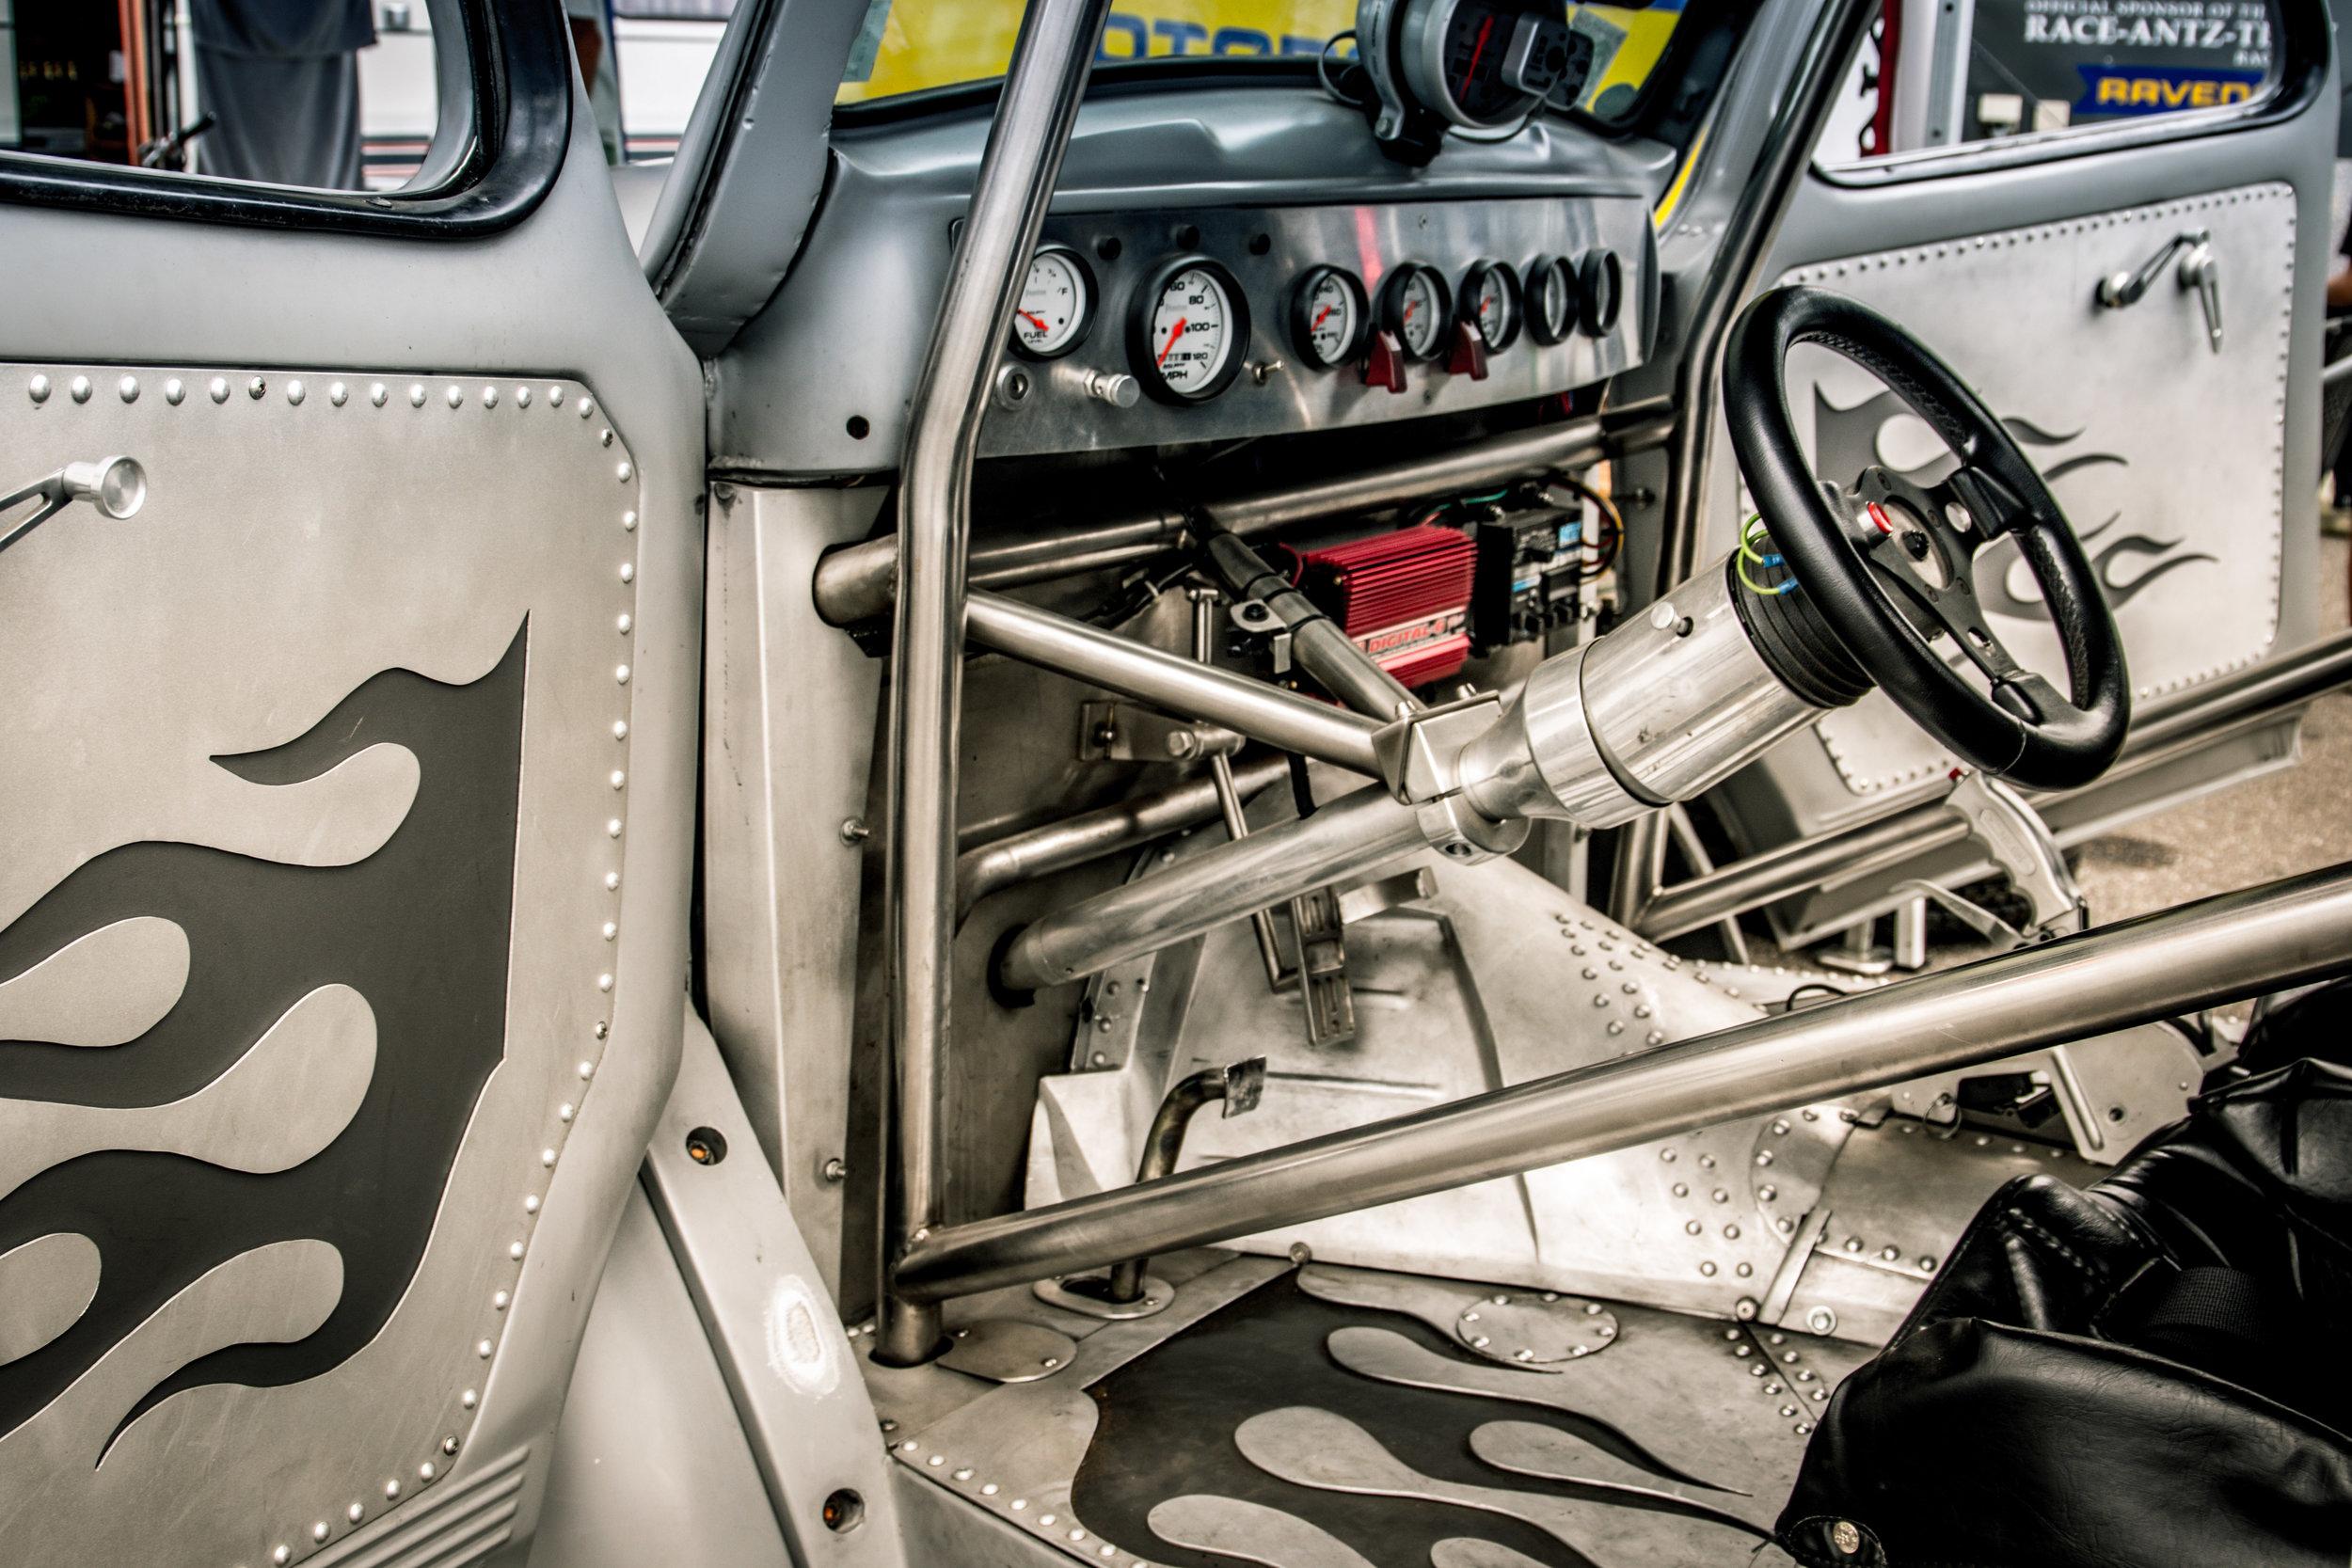 Race Antz Willys 2017 by Dirk Behlau-8537.jpg